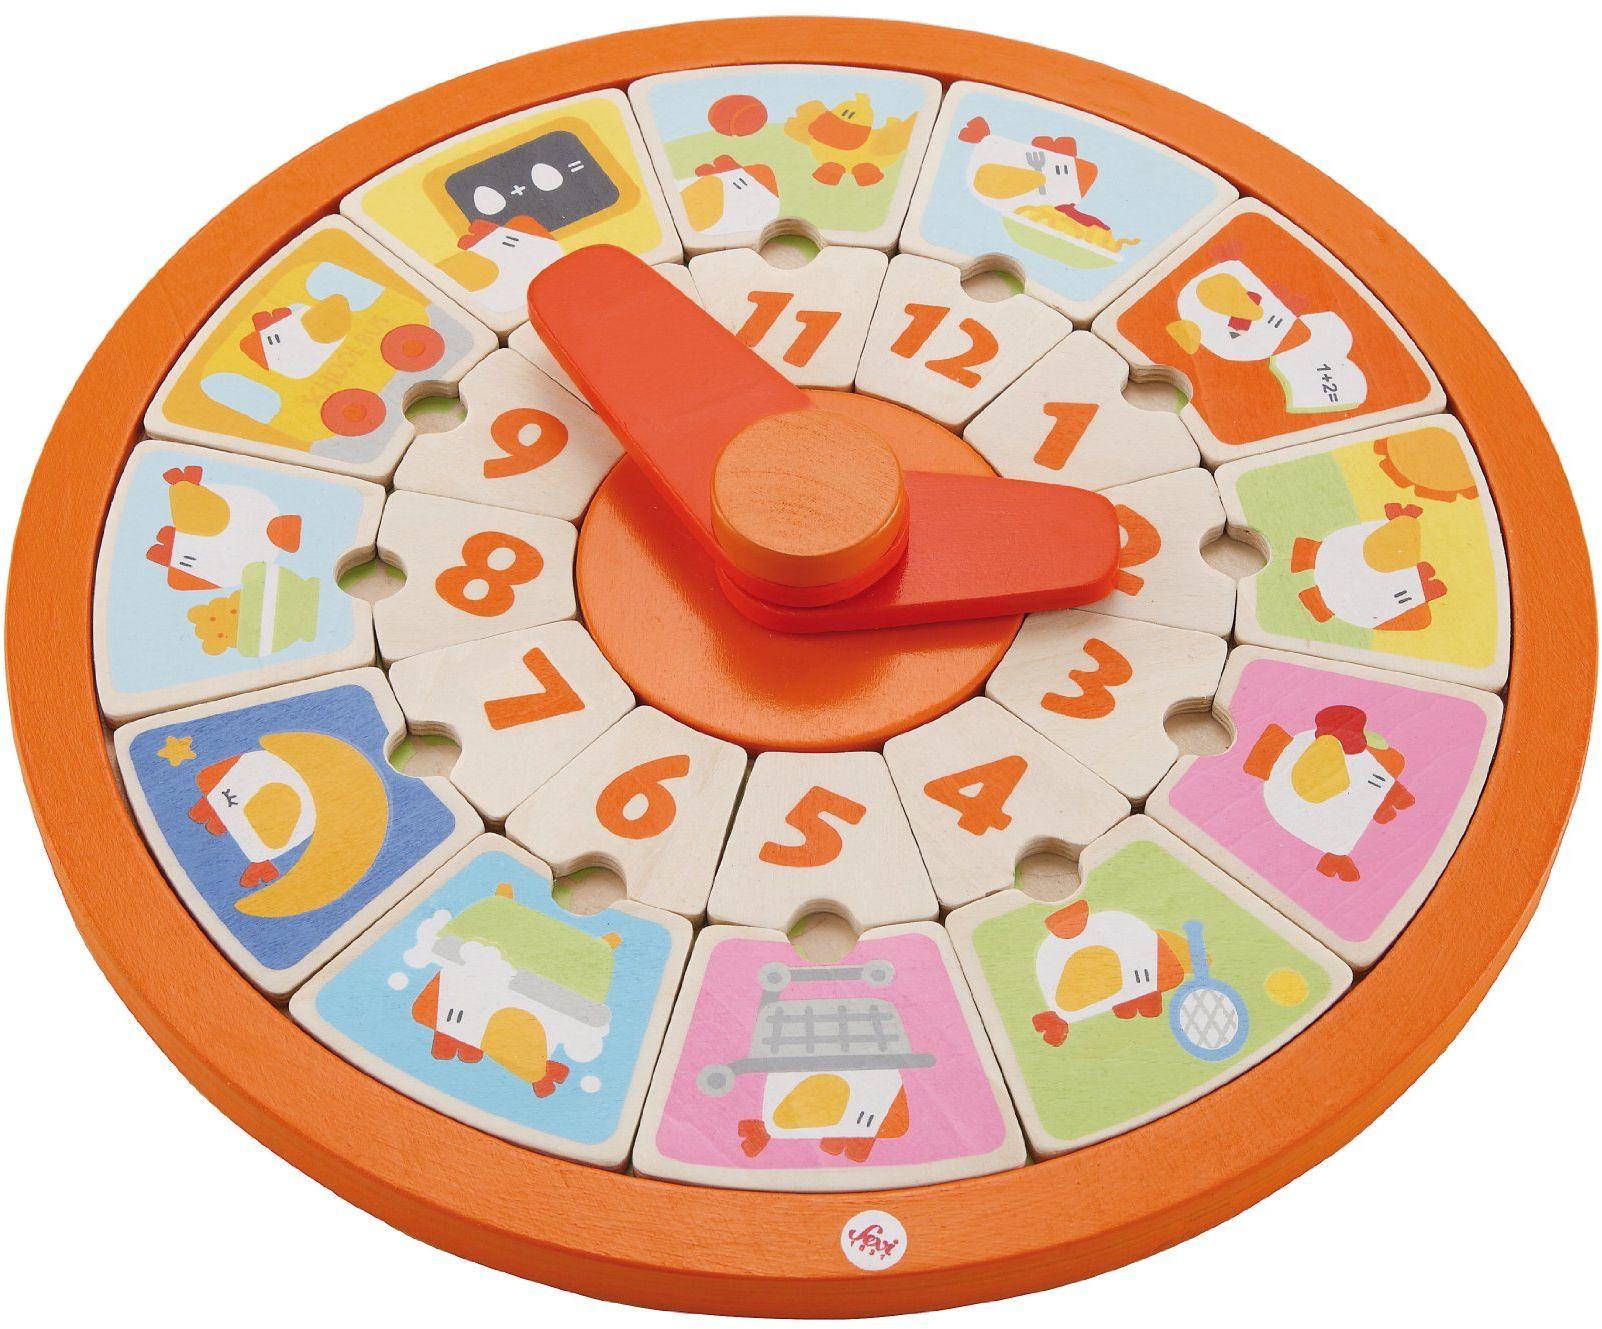 Trudi 82599 puzzle do nauki gry edukacyjnej